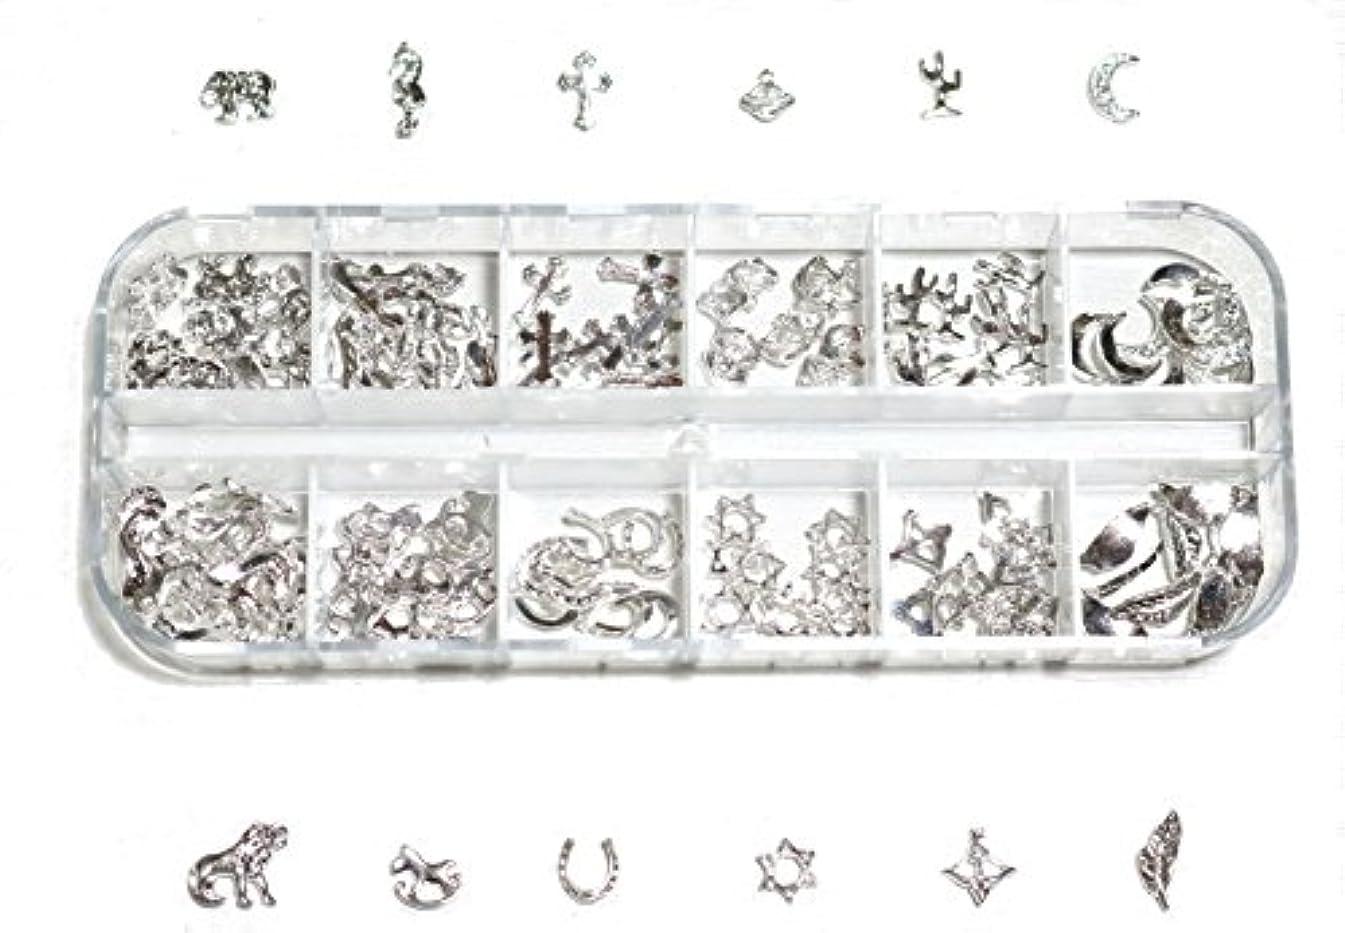 ファランクス許可する立ち寄る【jewel】 ゴールドorシルバー メタルパーツ 12種類 各10個入り カラー選択可能☆ (シルバー)